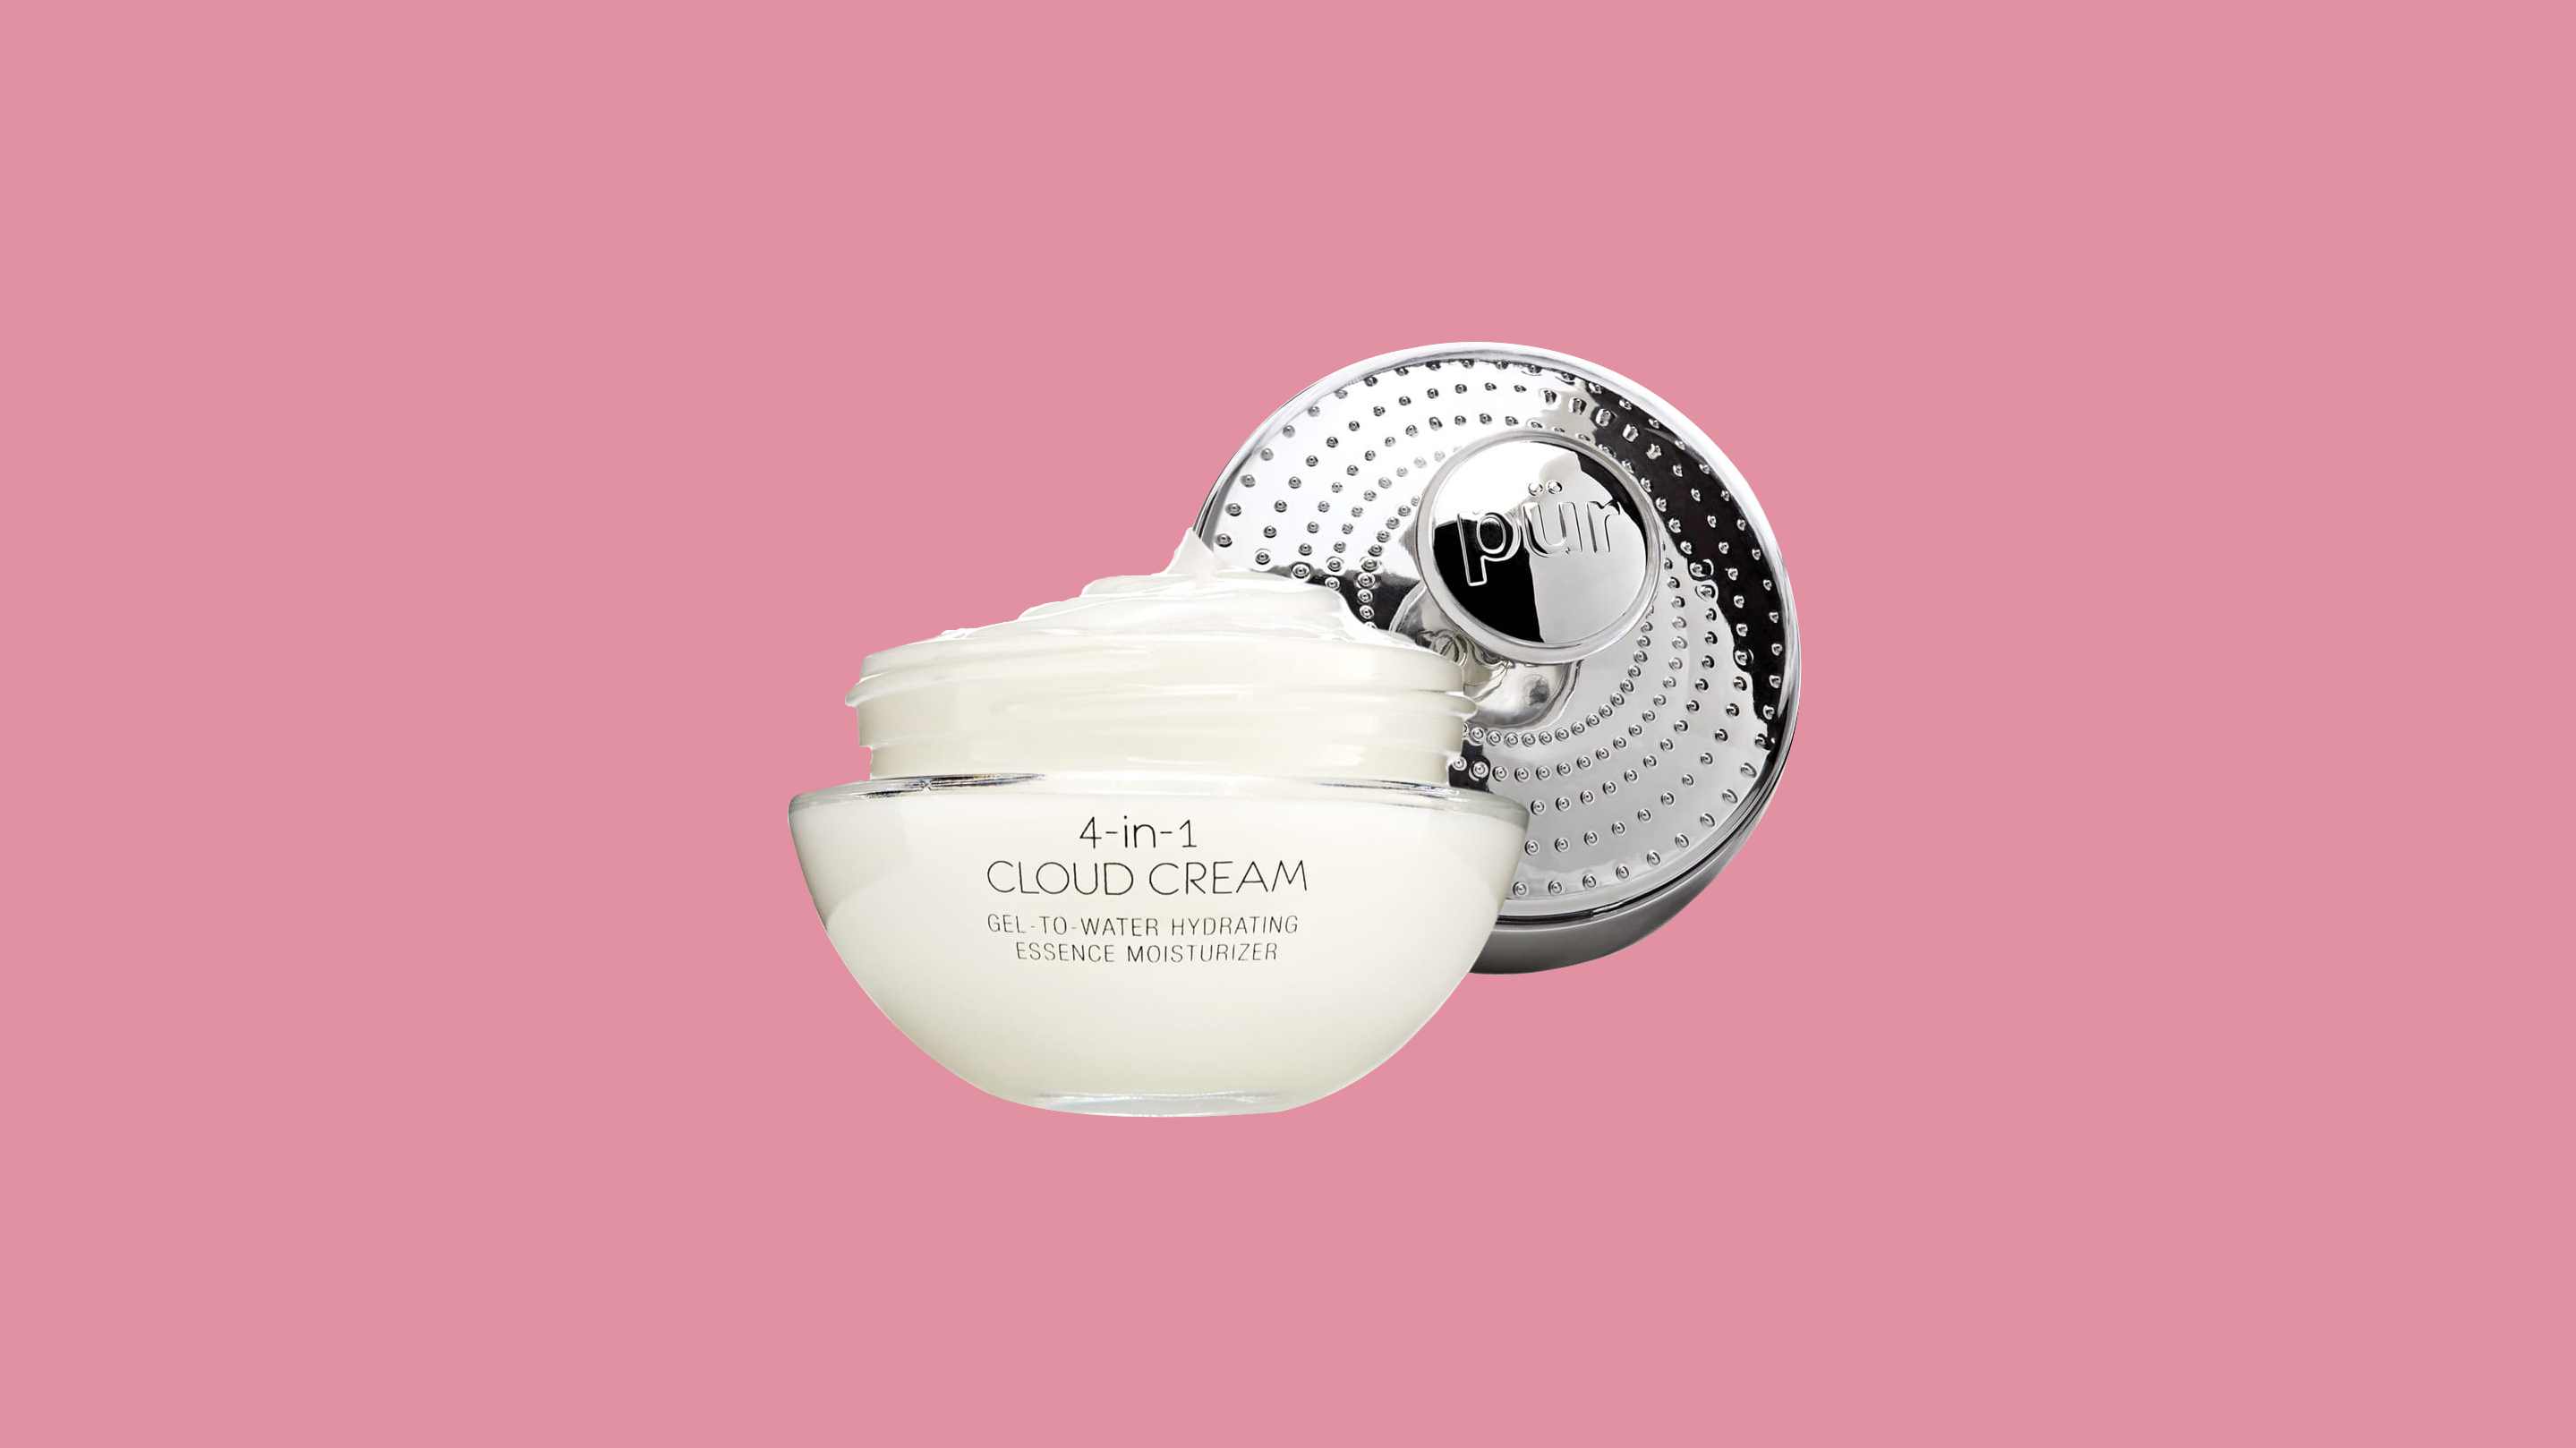 PUR 4-in-1 Cloud Cream